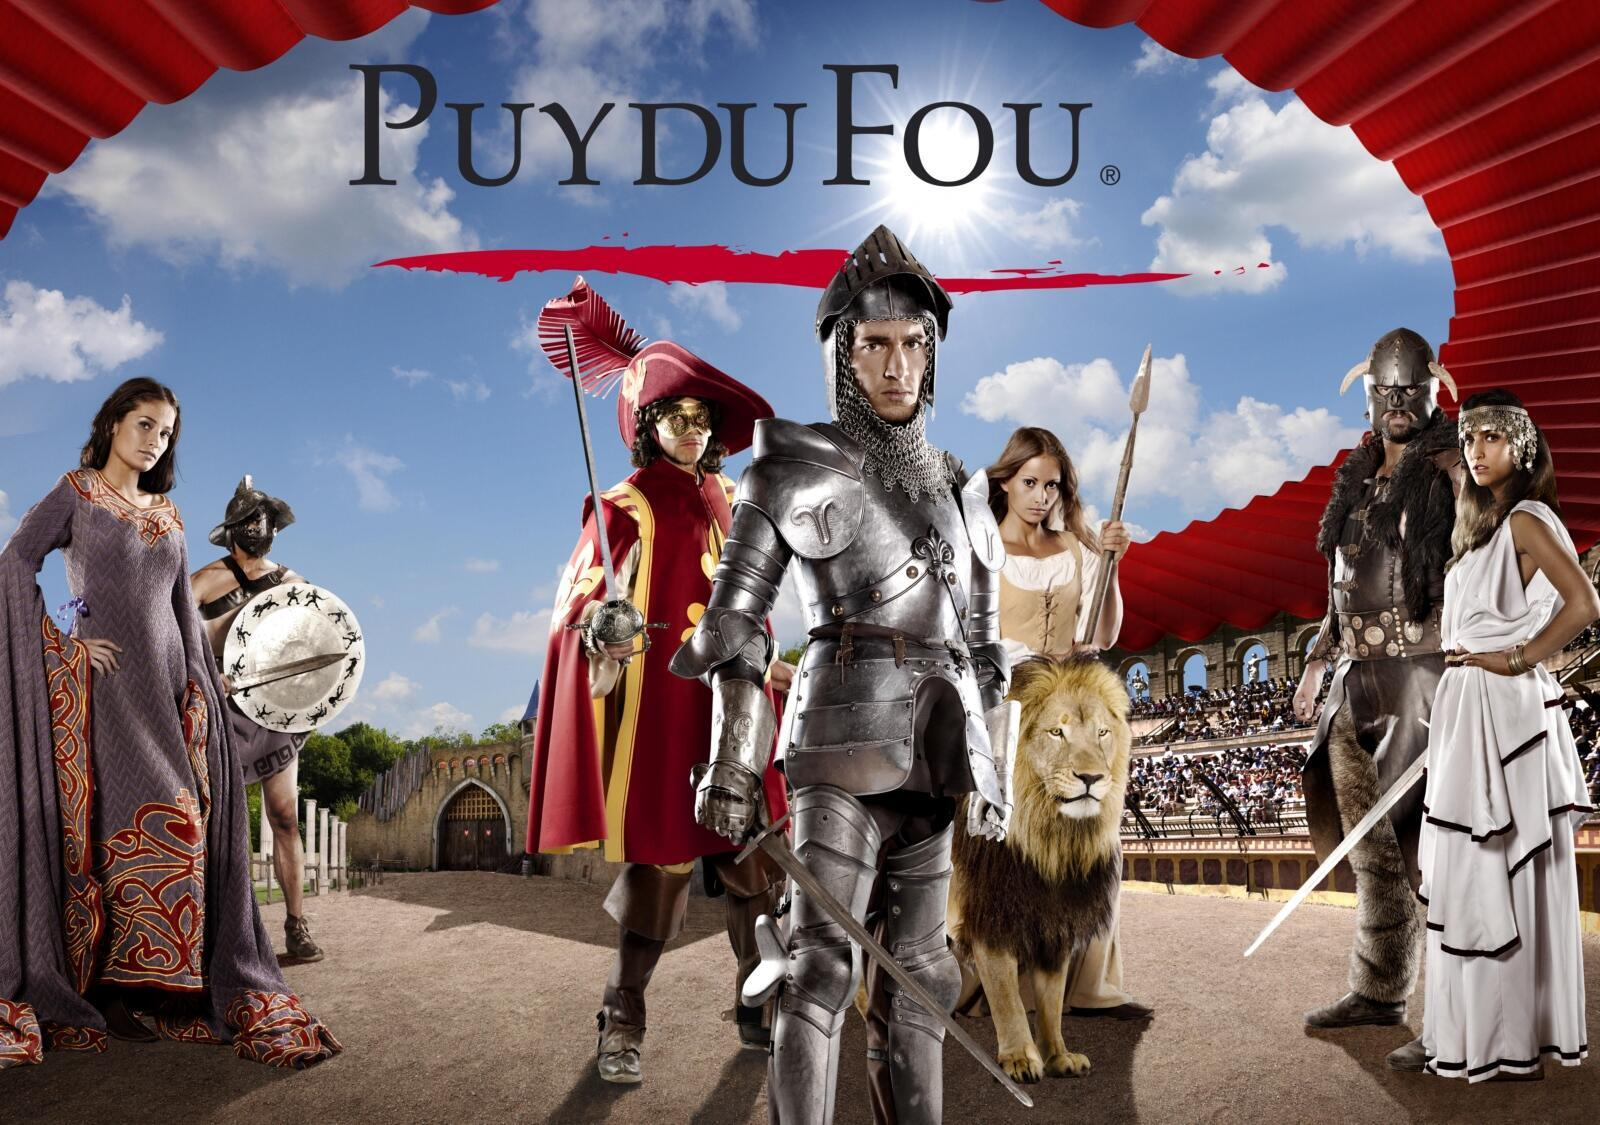 法國狂人國主題公園(Puy du Fou)廣告